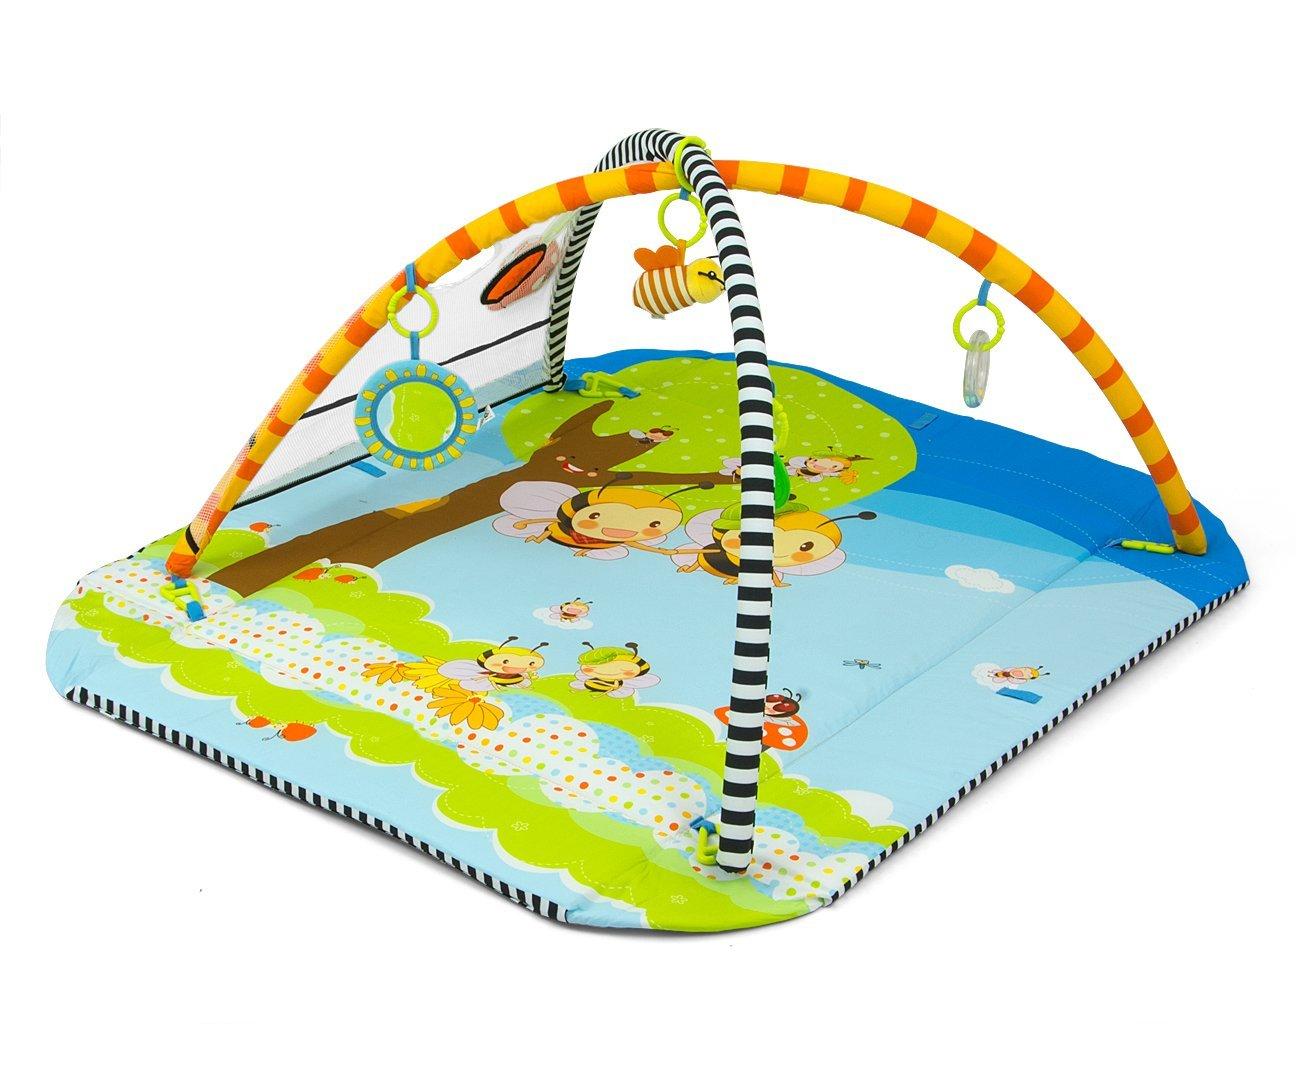 Hracia deka s ohr�dkou 5v1 v�ela - zv��i� obr�zok